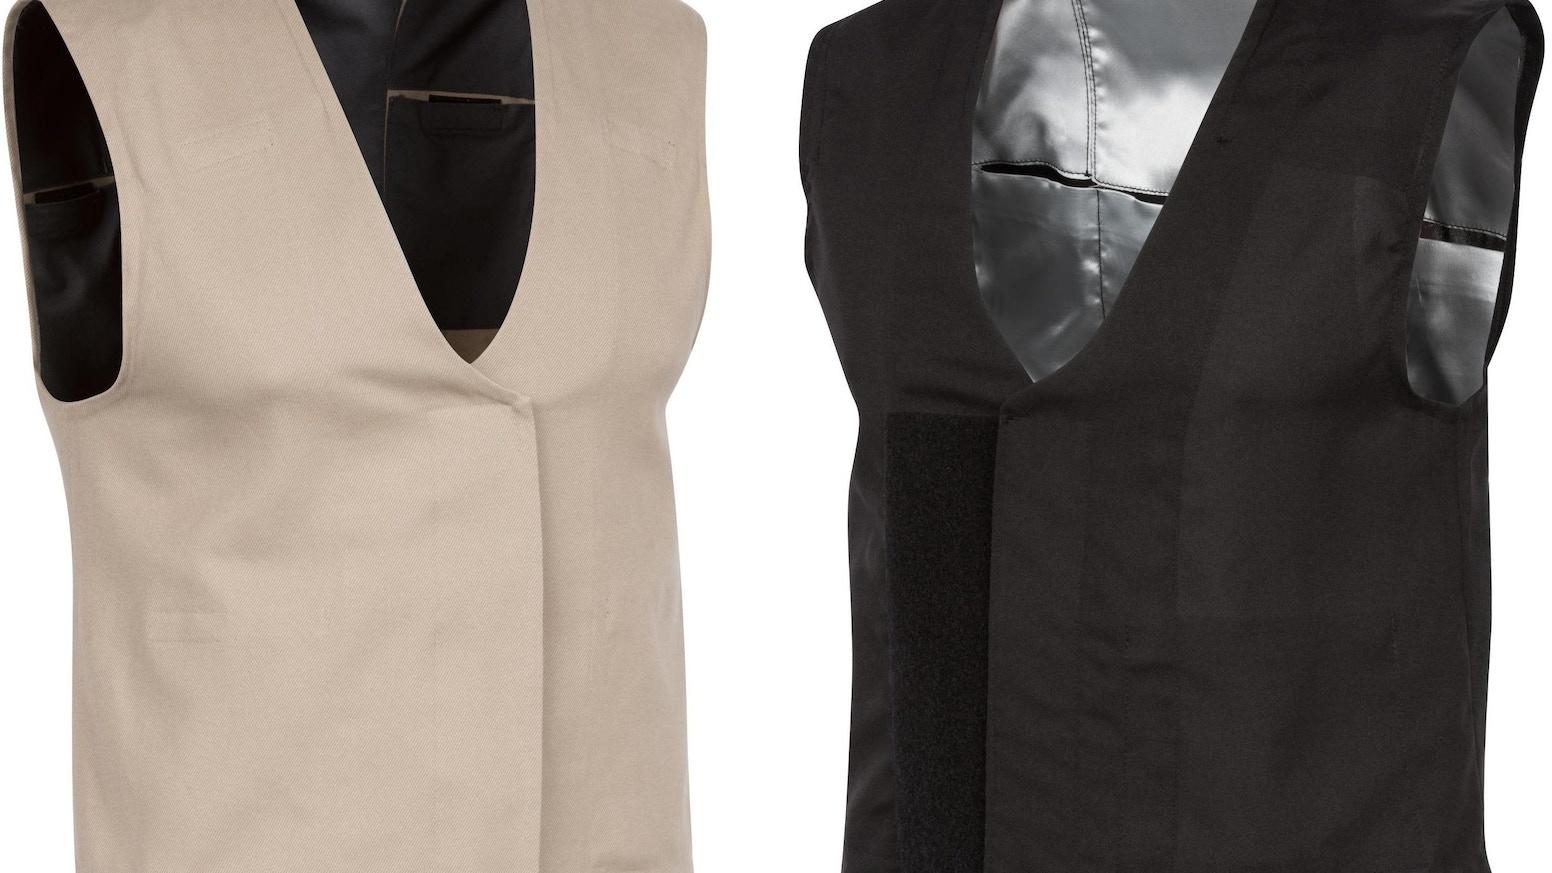 The Cold Shoulder Calorie Burning Vest by Dr  Wayne B  Hayes